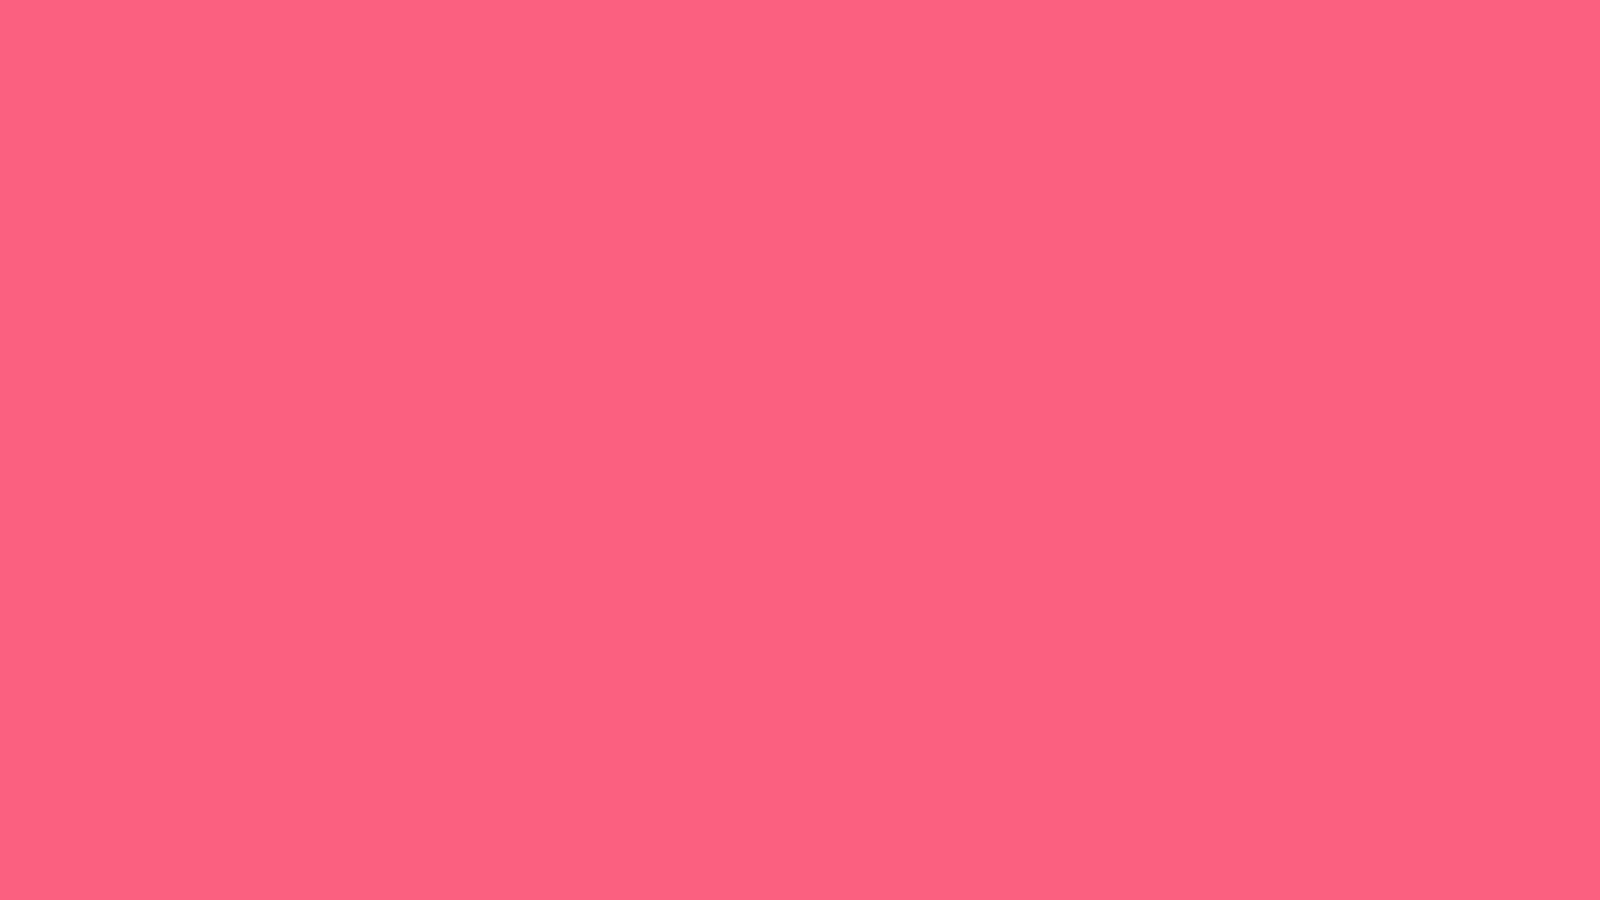 1600x900 Brink Pink Solid Color Background